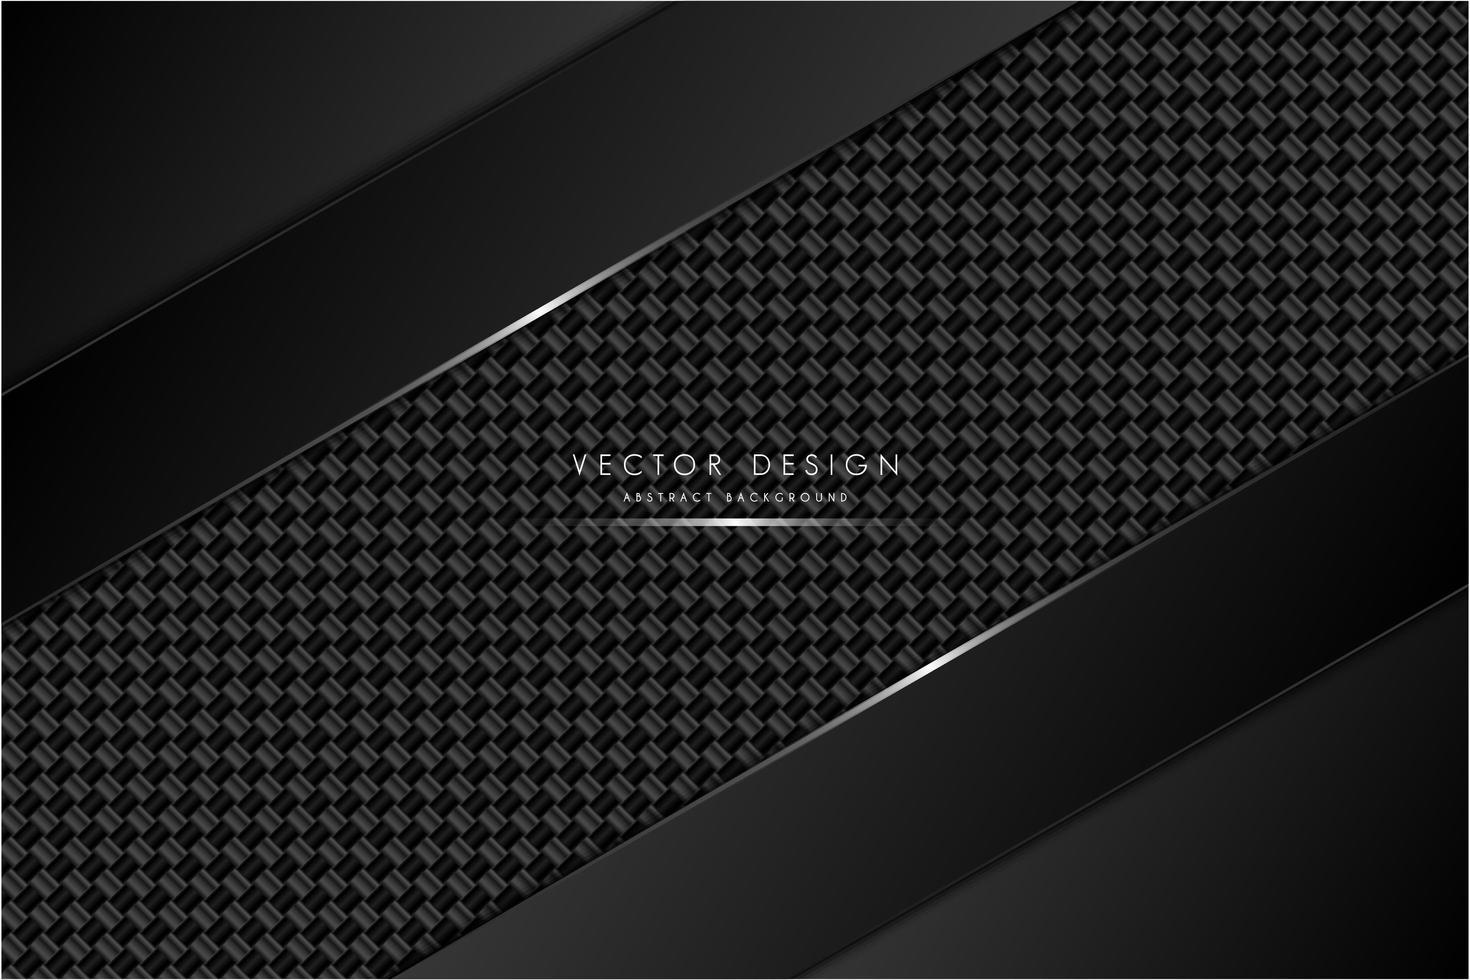 Fondo metálico negro y gris con fibra de carbono. vector